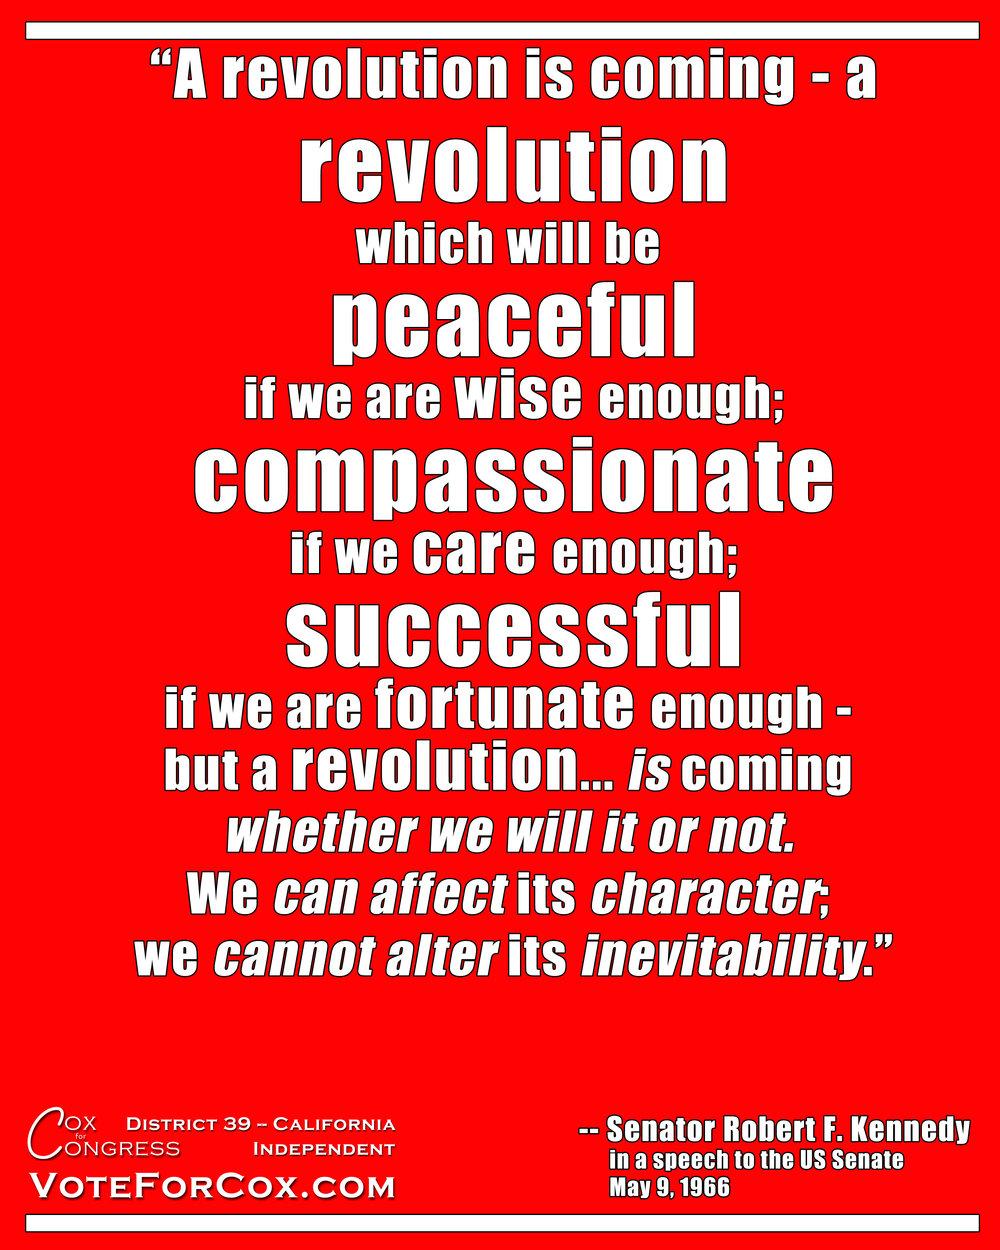 RFKRevolutionMeme.jpg